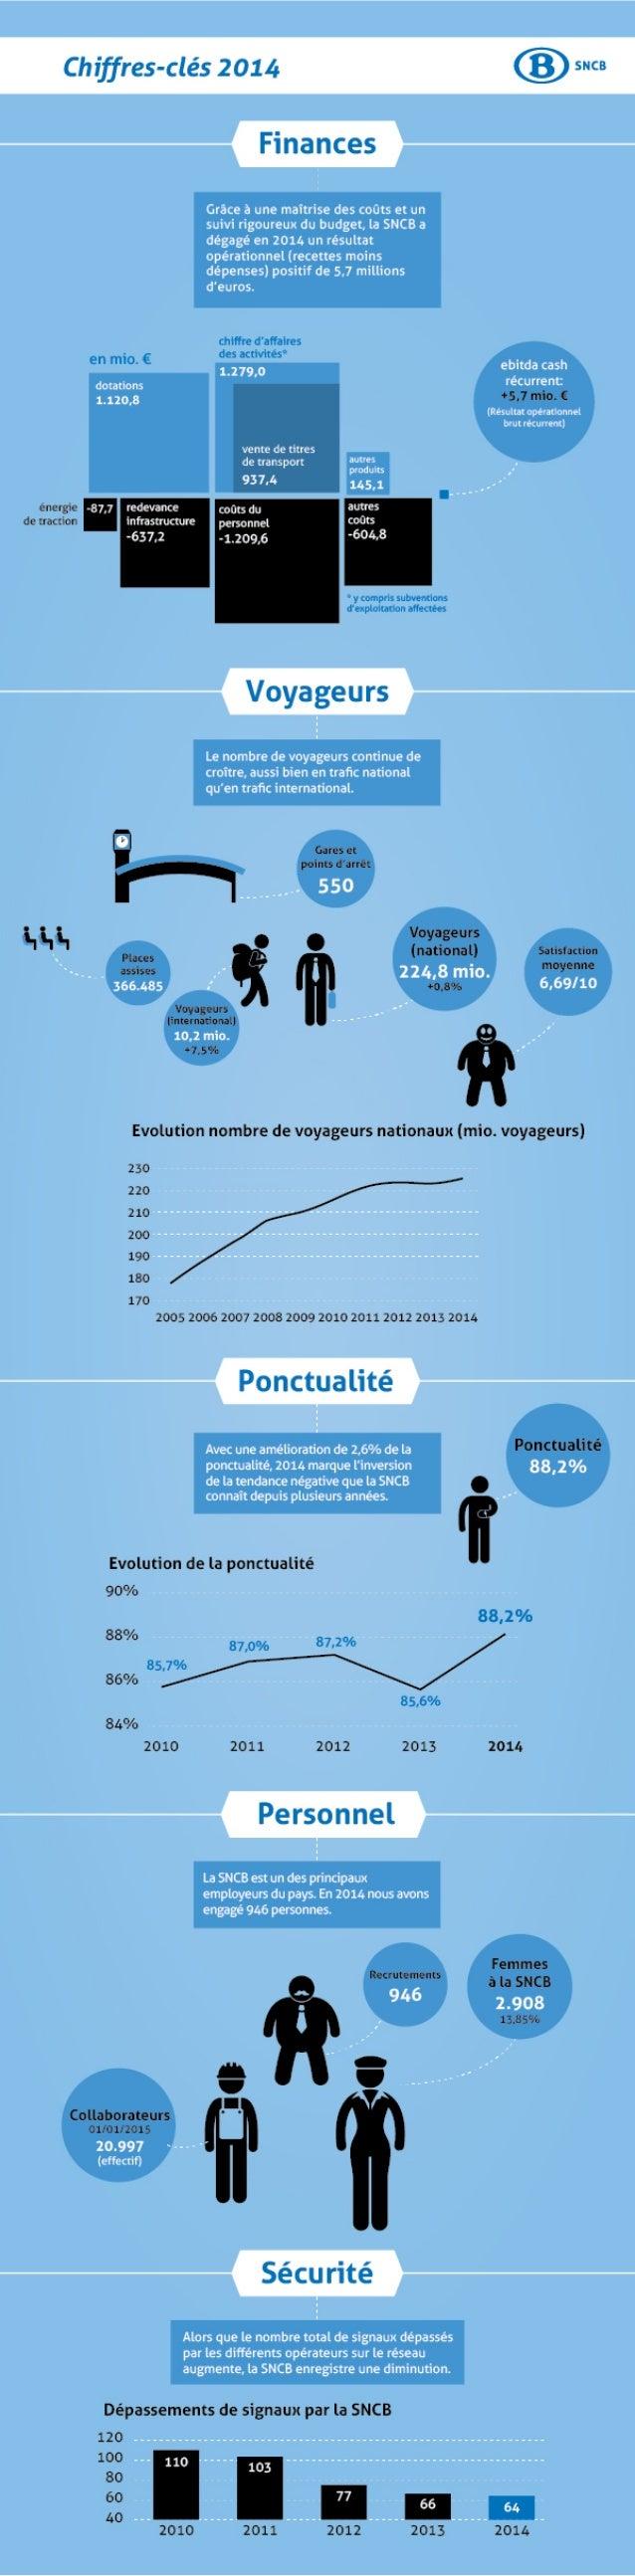 Les chiffres-clés de la SNCB en 2014